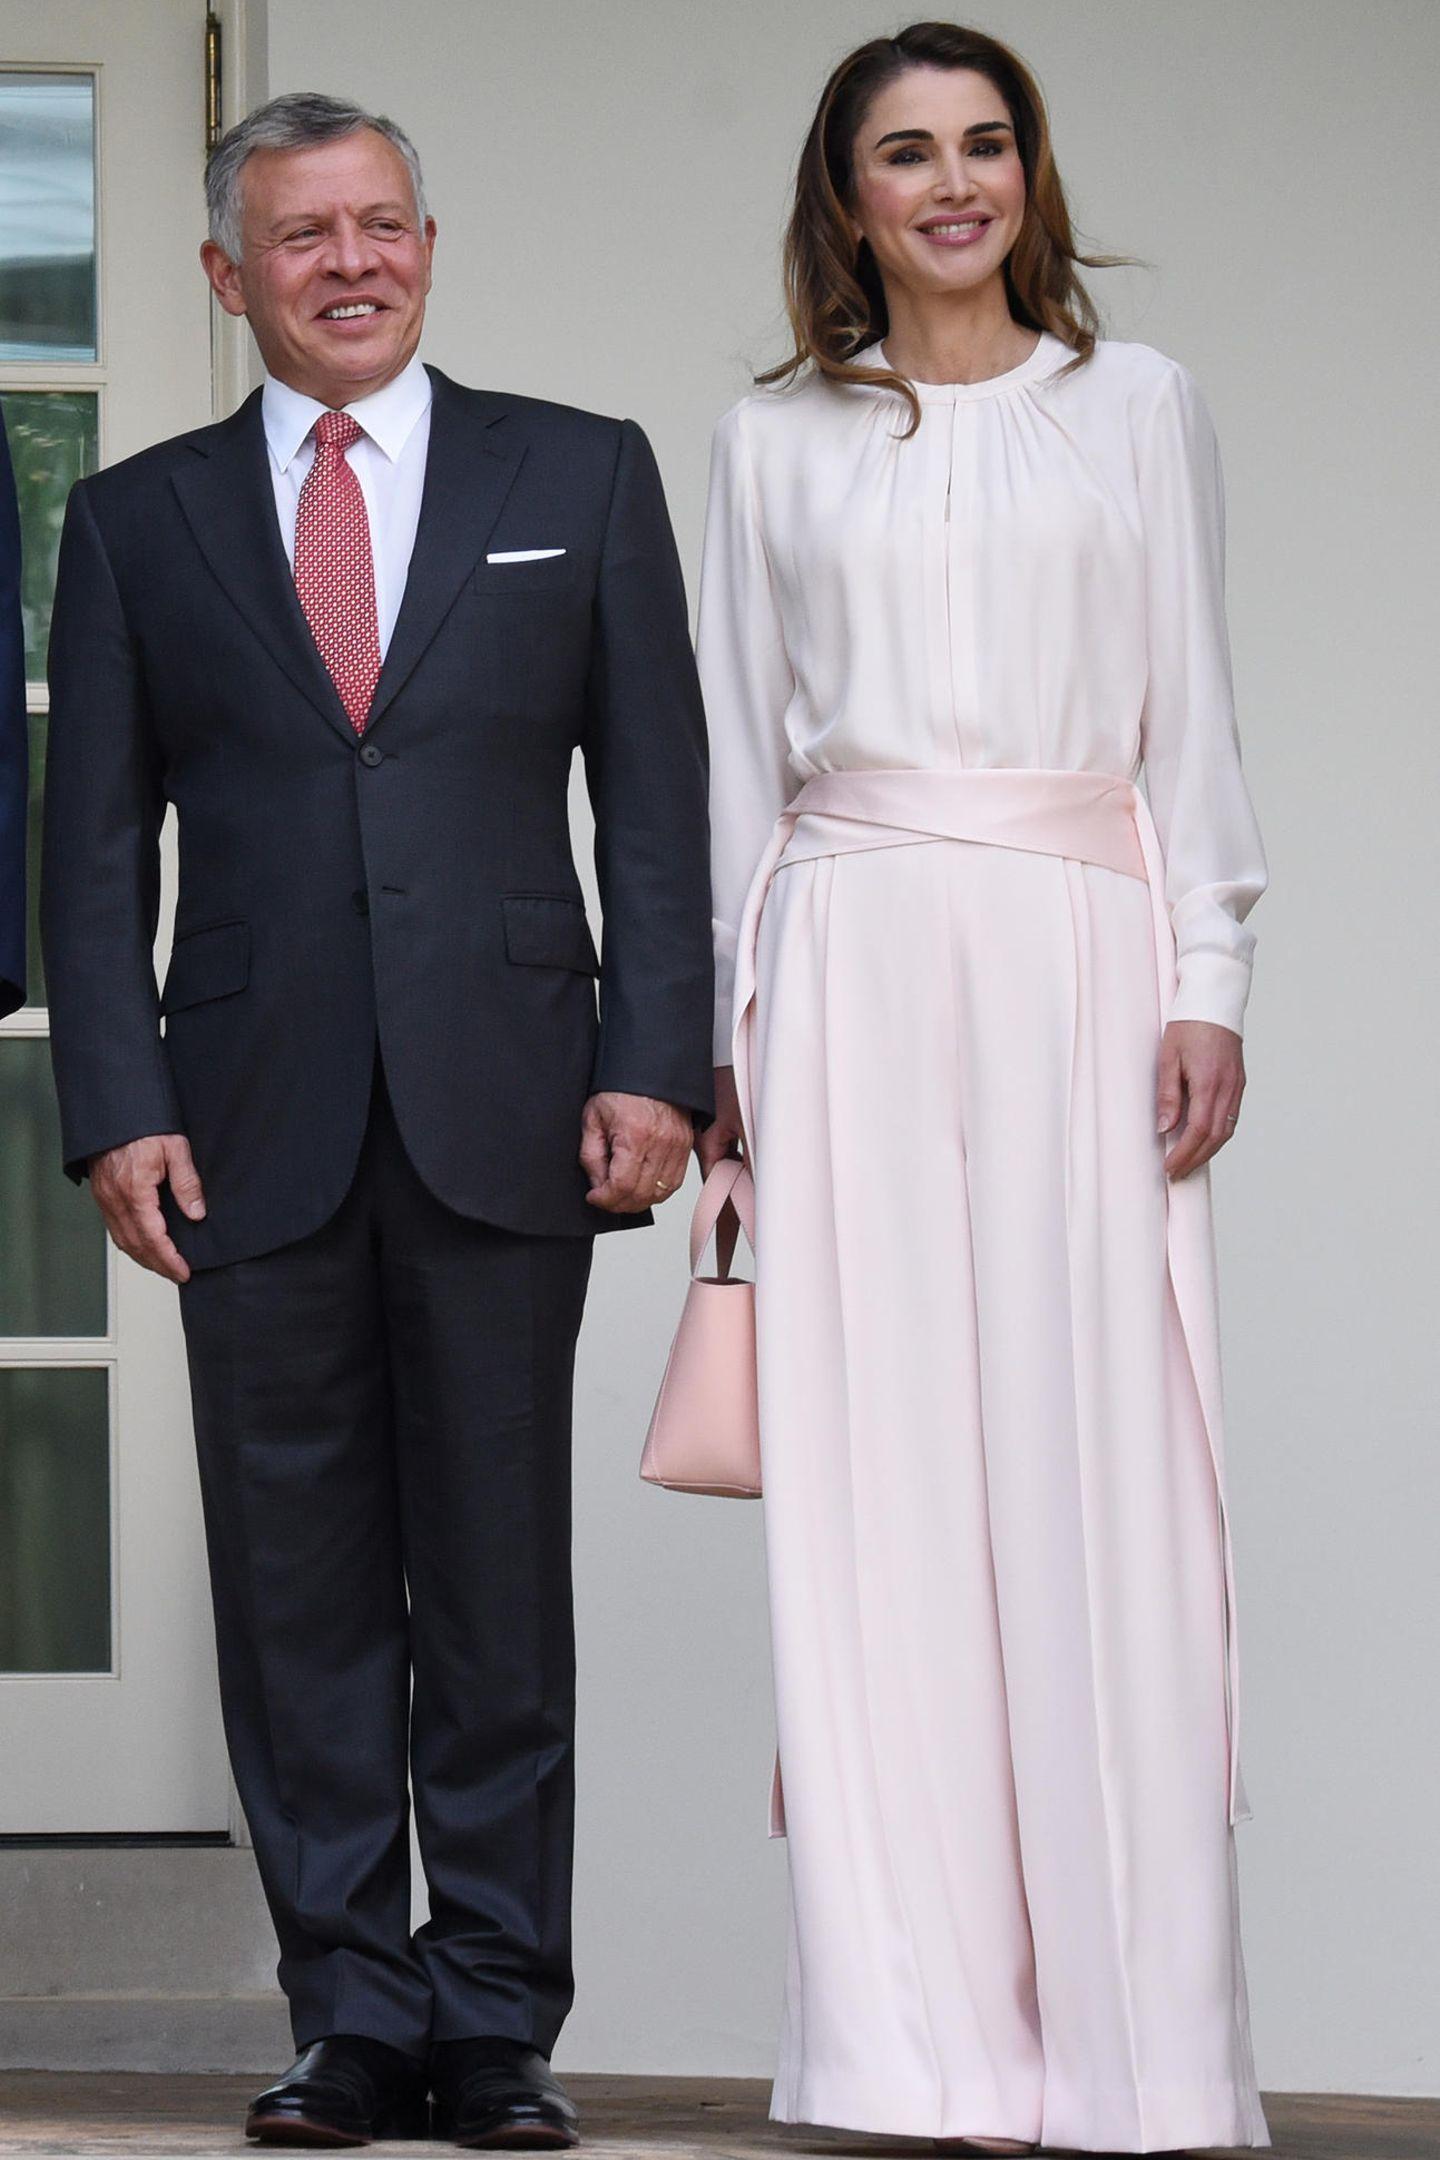 Für ihr Treffen mit den Trumps wählt Königin Rania ein helles Pastell-Outfit, das sie nur so strahlen lässt. Selbst ihre Handtasche passt perfekt zu dem rosa Look.